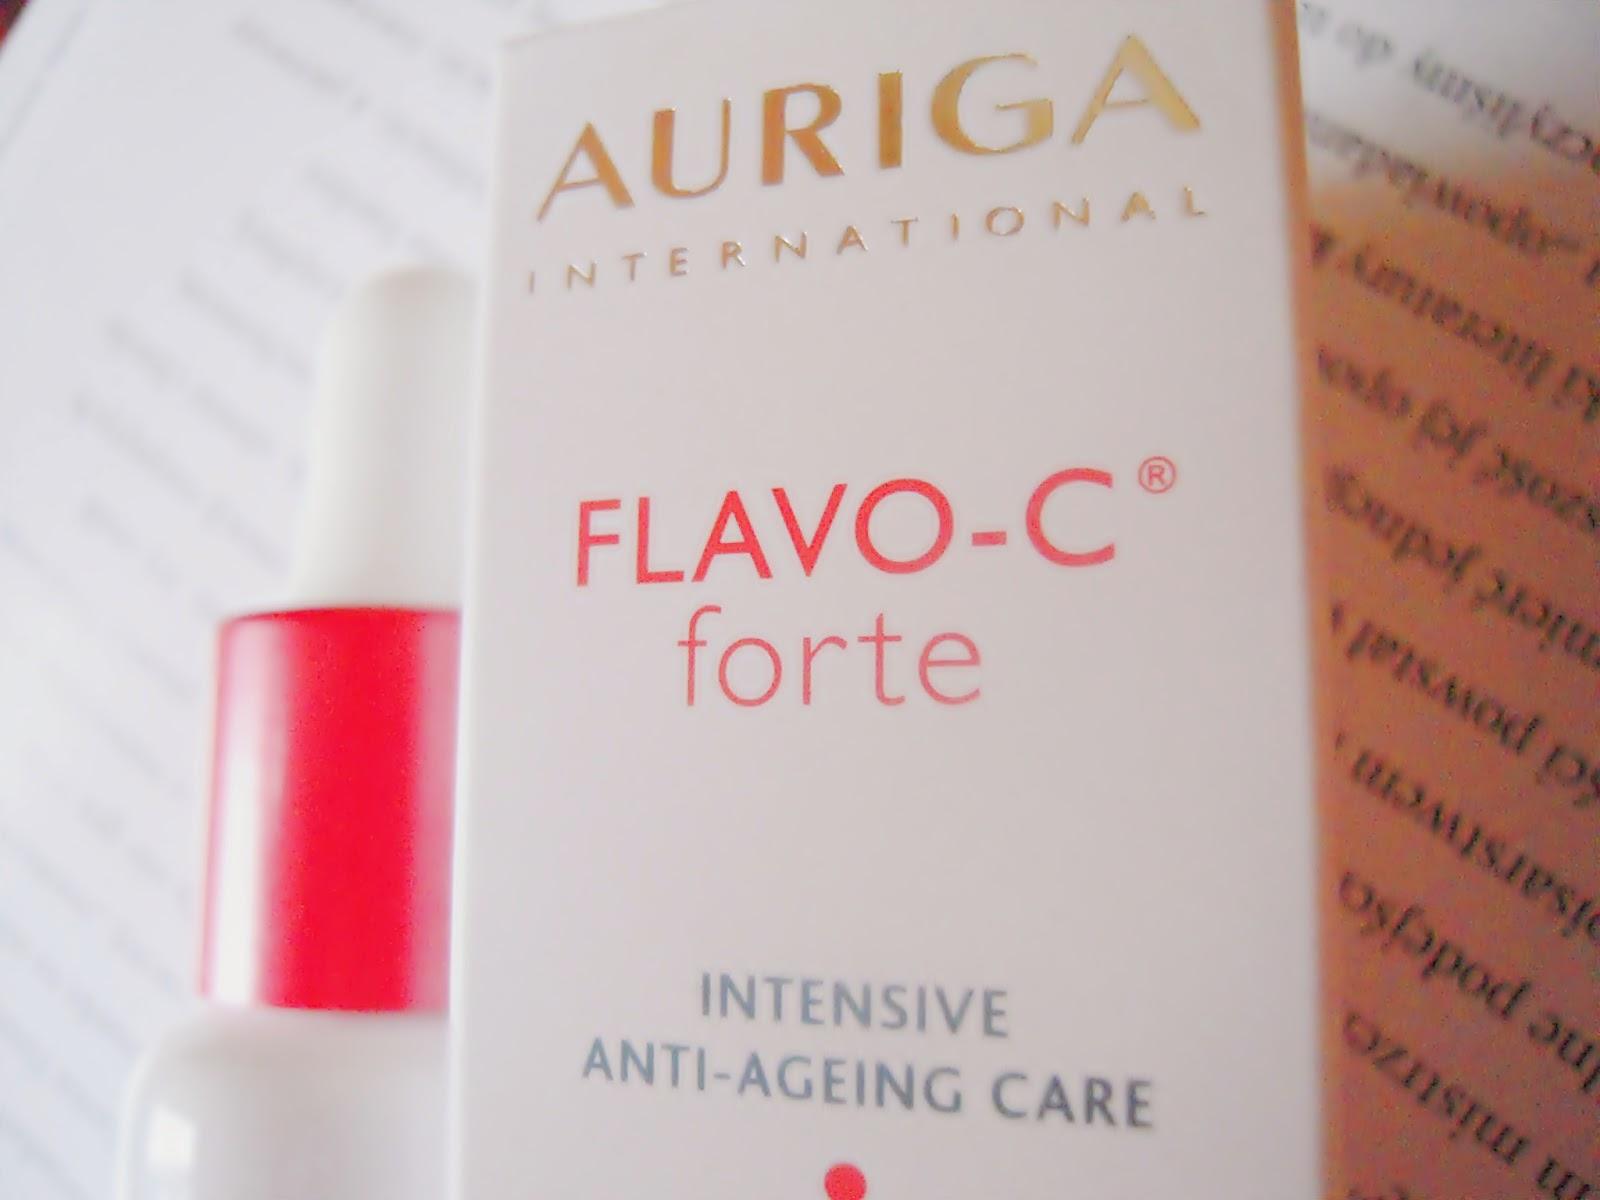 serum z witaminą C, Auriga, pielegnacja przeciwzamarszczkowa,serum na przebarwienia,FlavoC